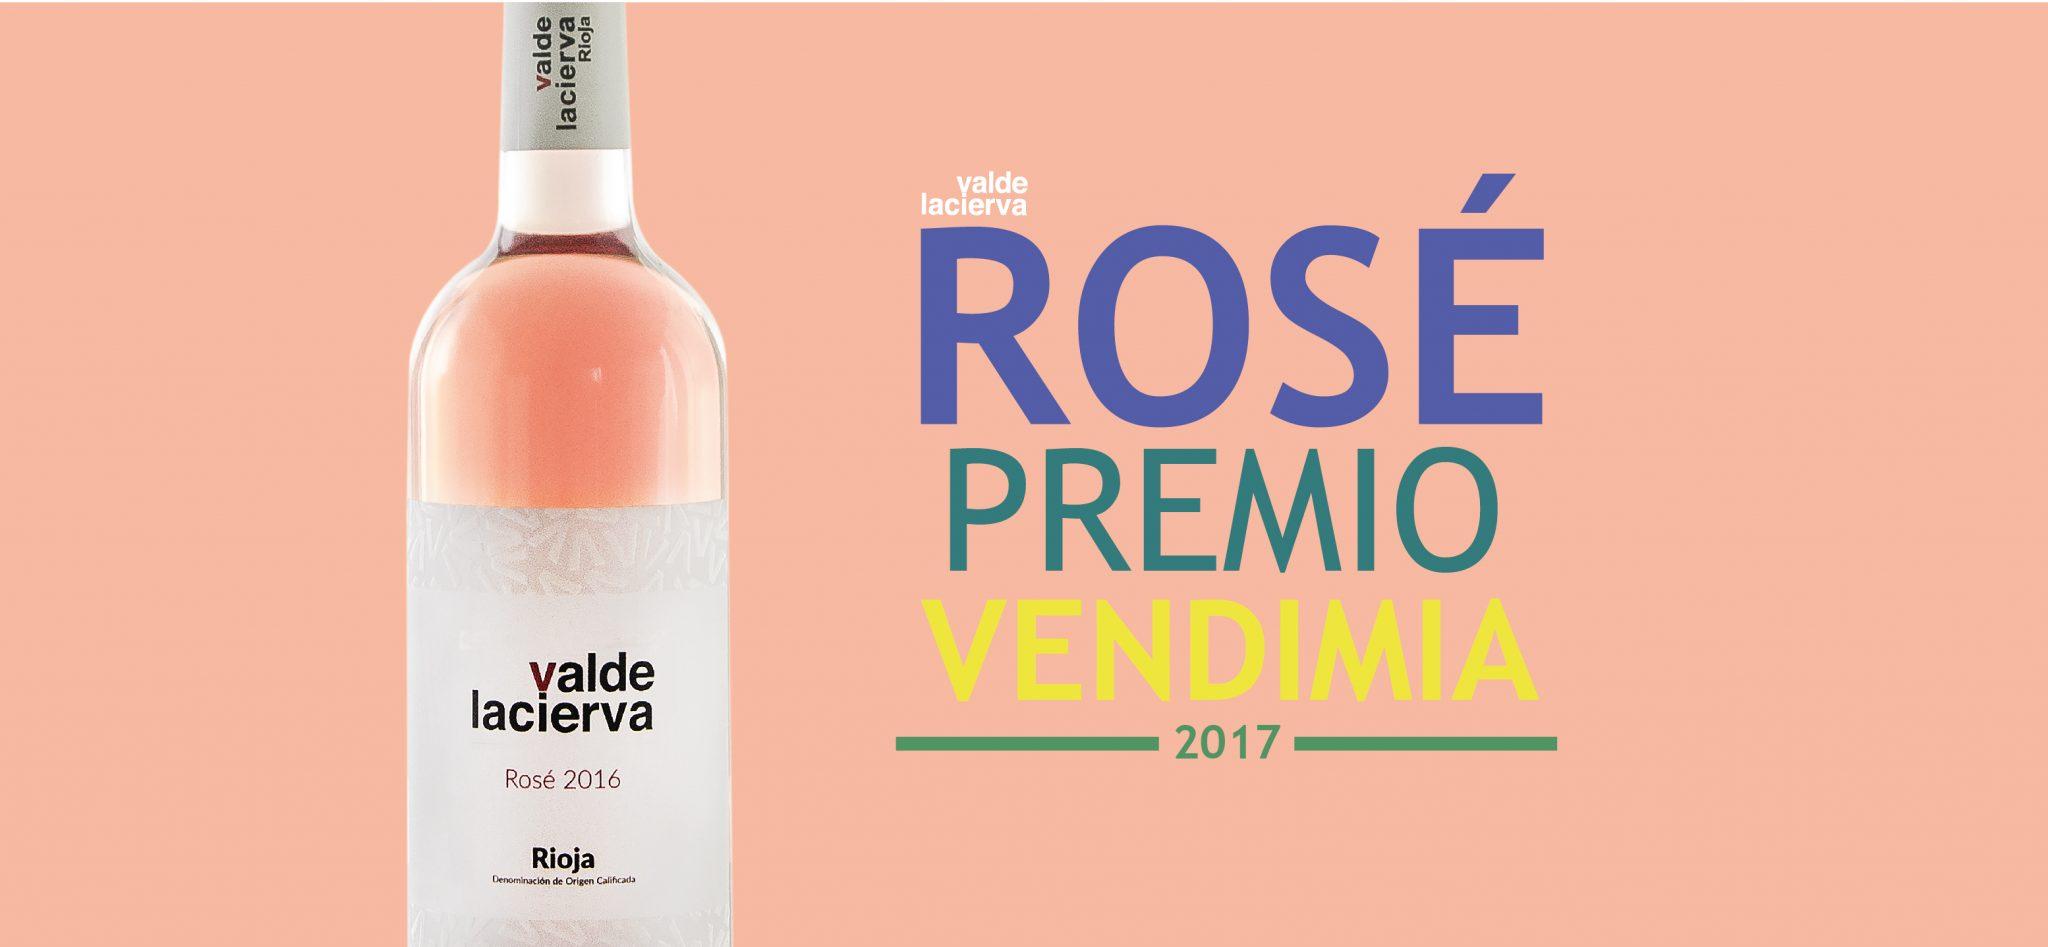 Premios Vendimia 2017